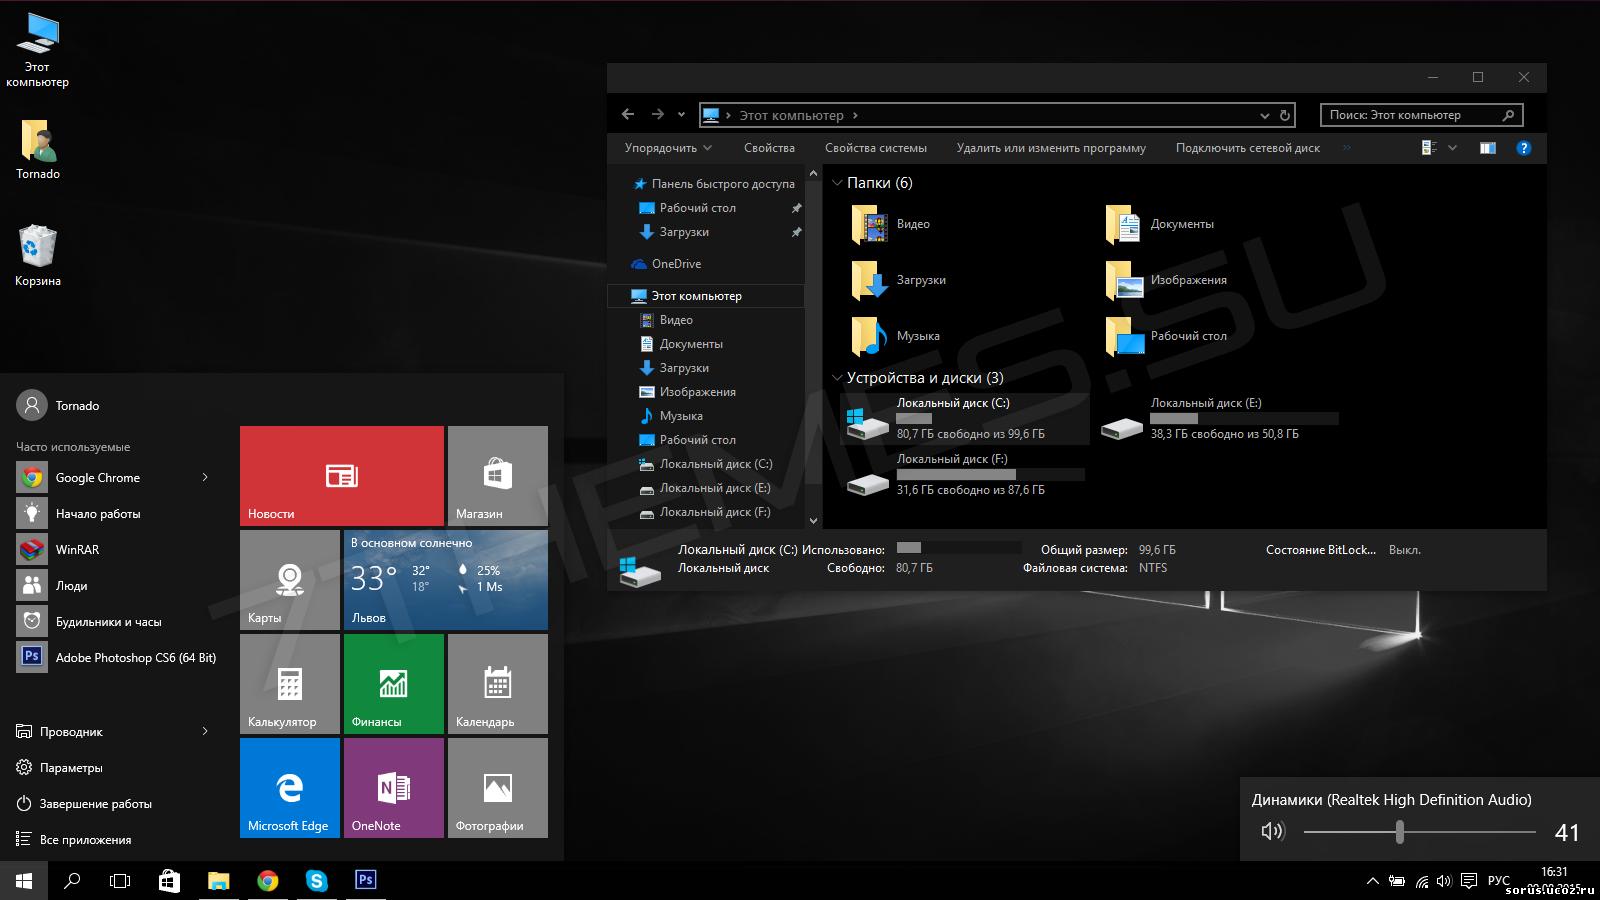 скачать темы для компьютера windows 10